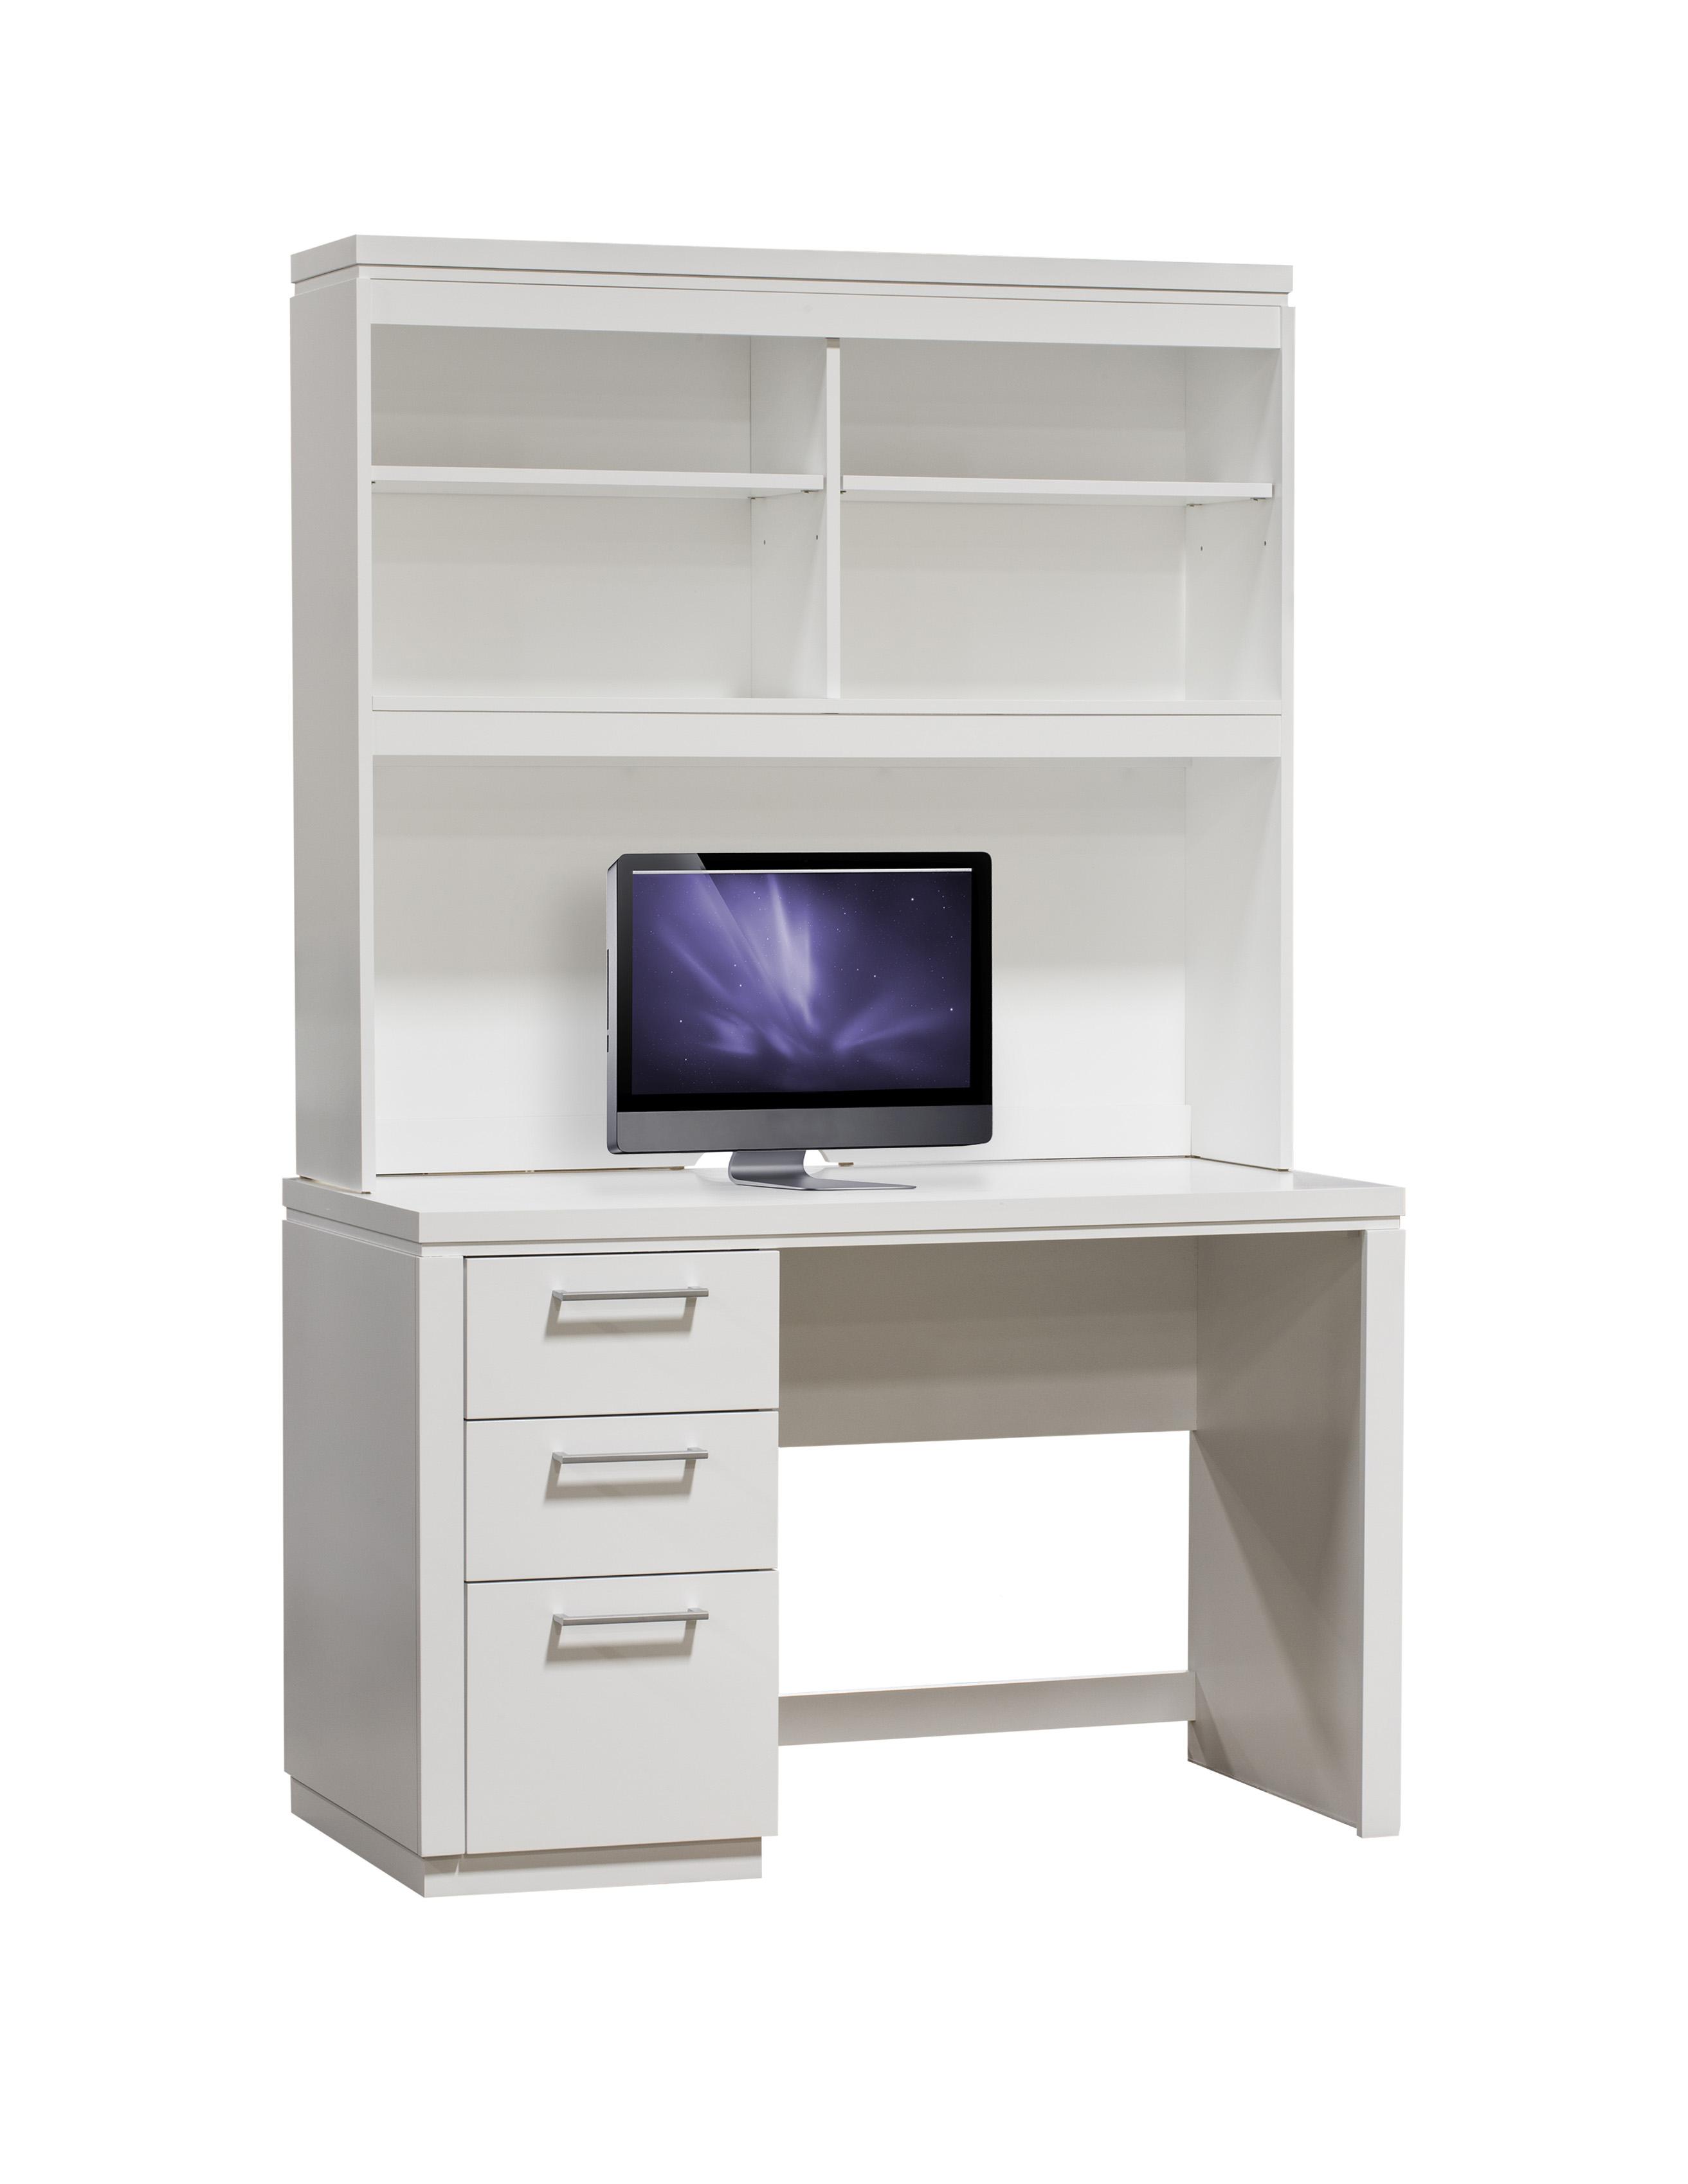 Furniture Bureau 1015 - Hutch 1016